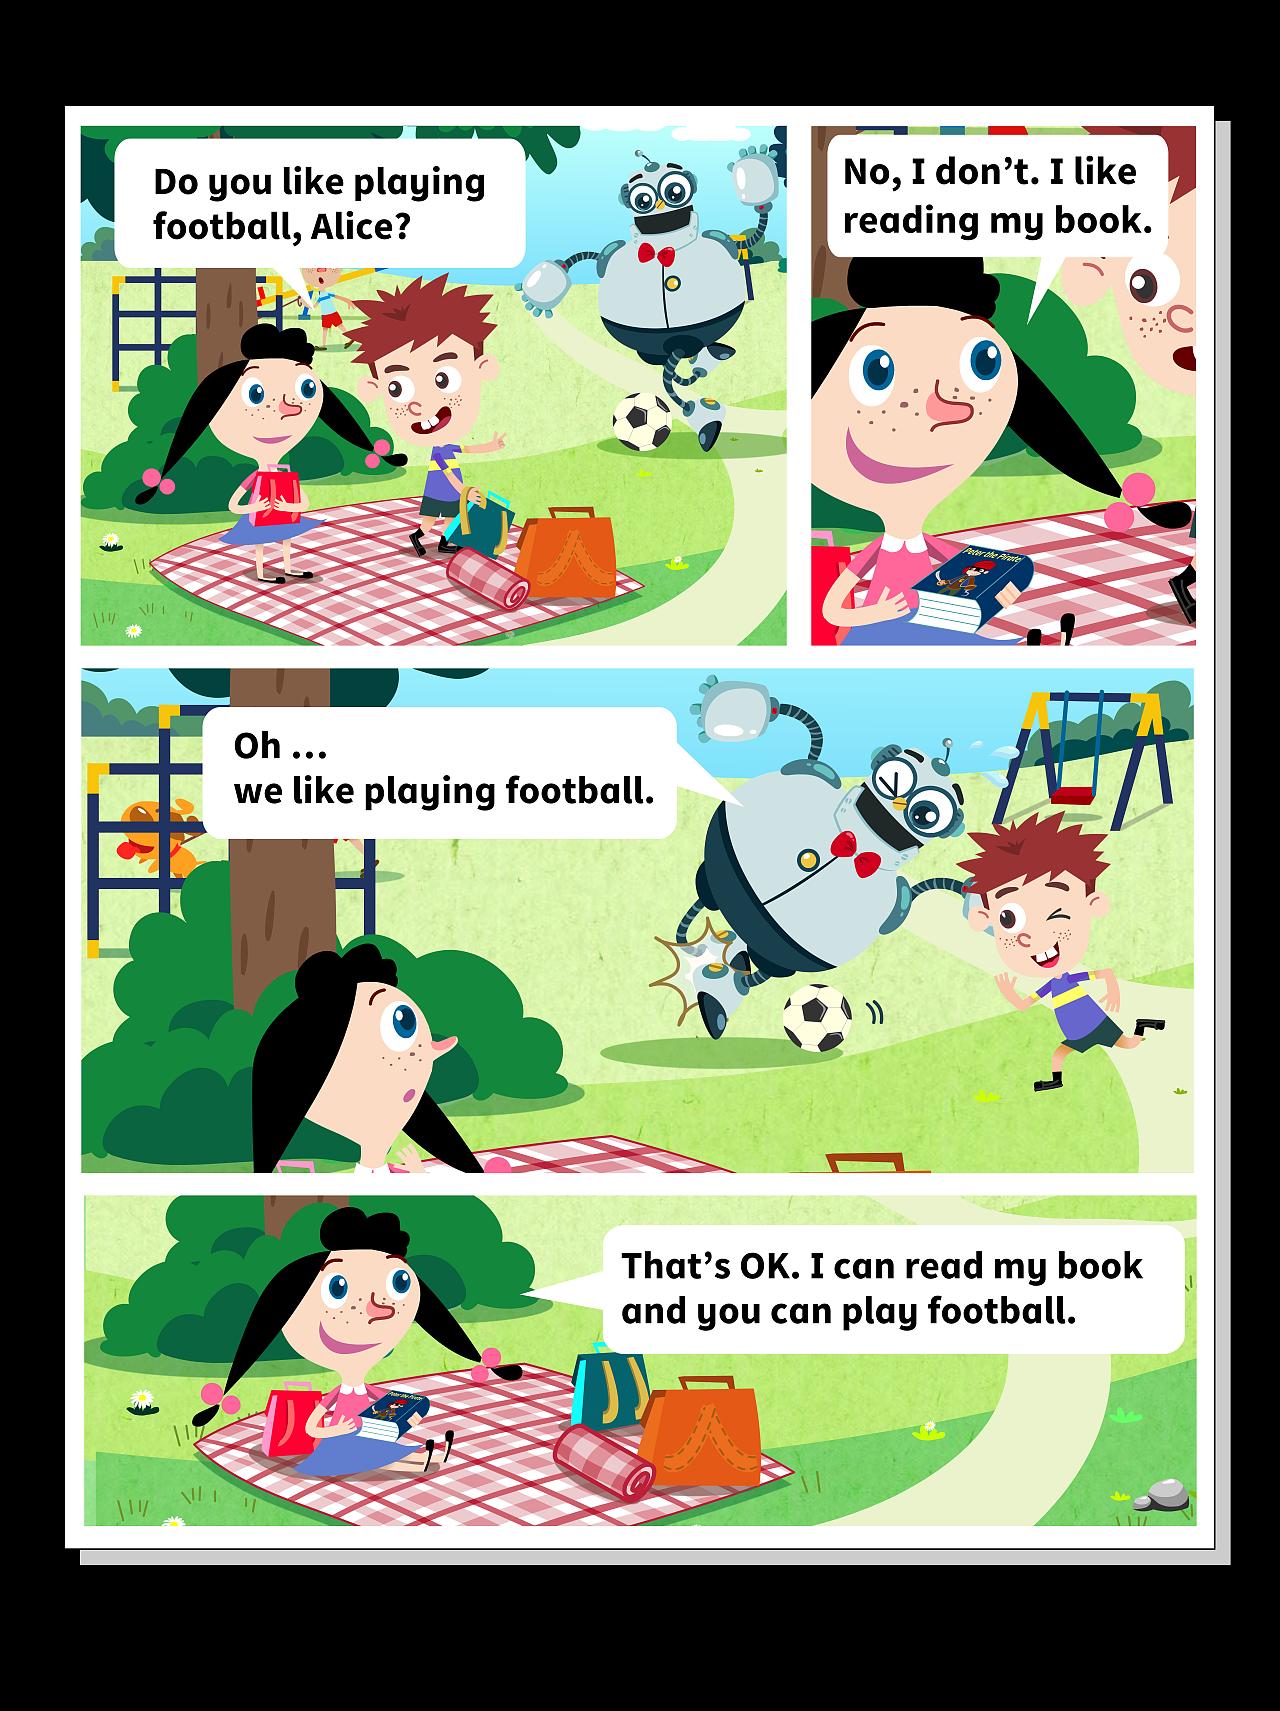 英语教材配图漫画太过分别漫画